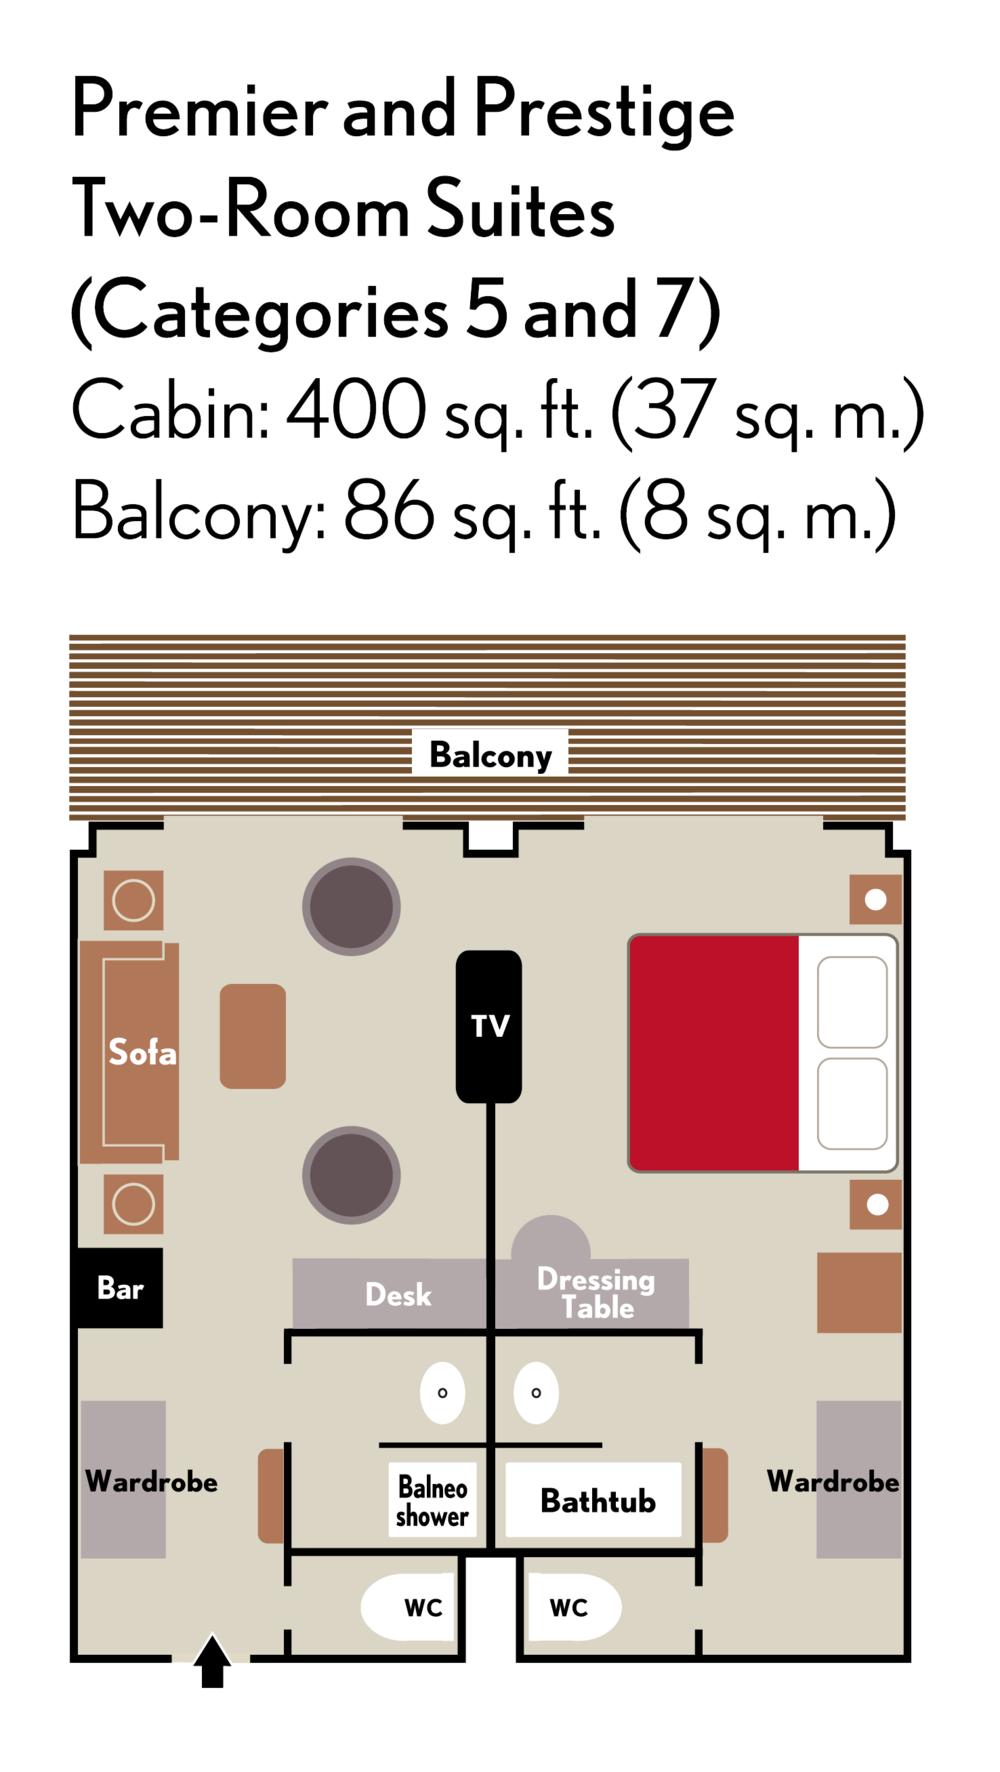 2-Room Suites